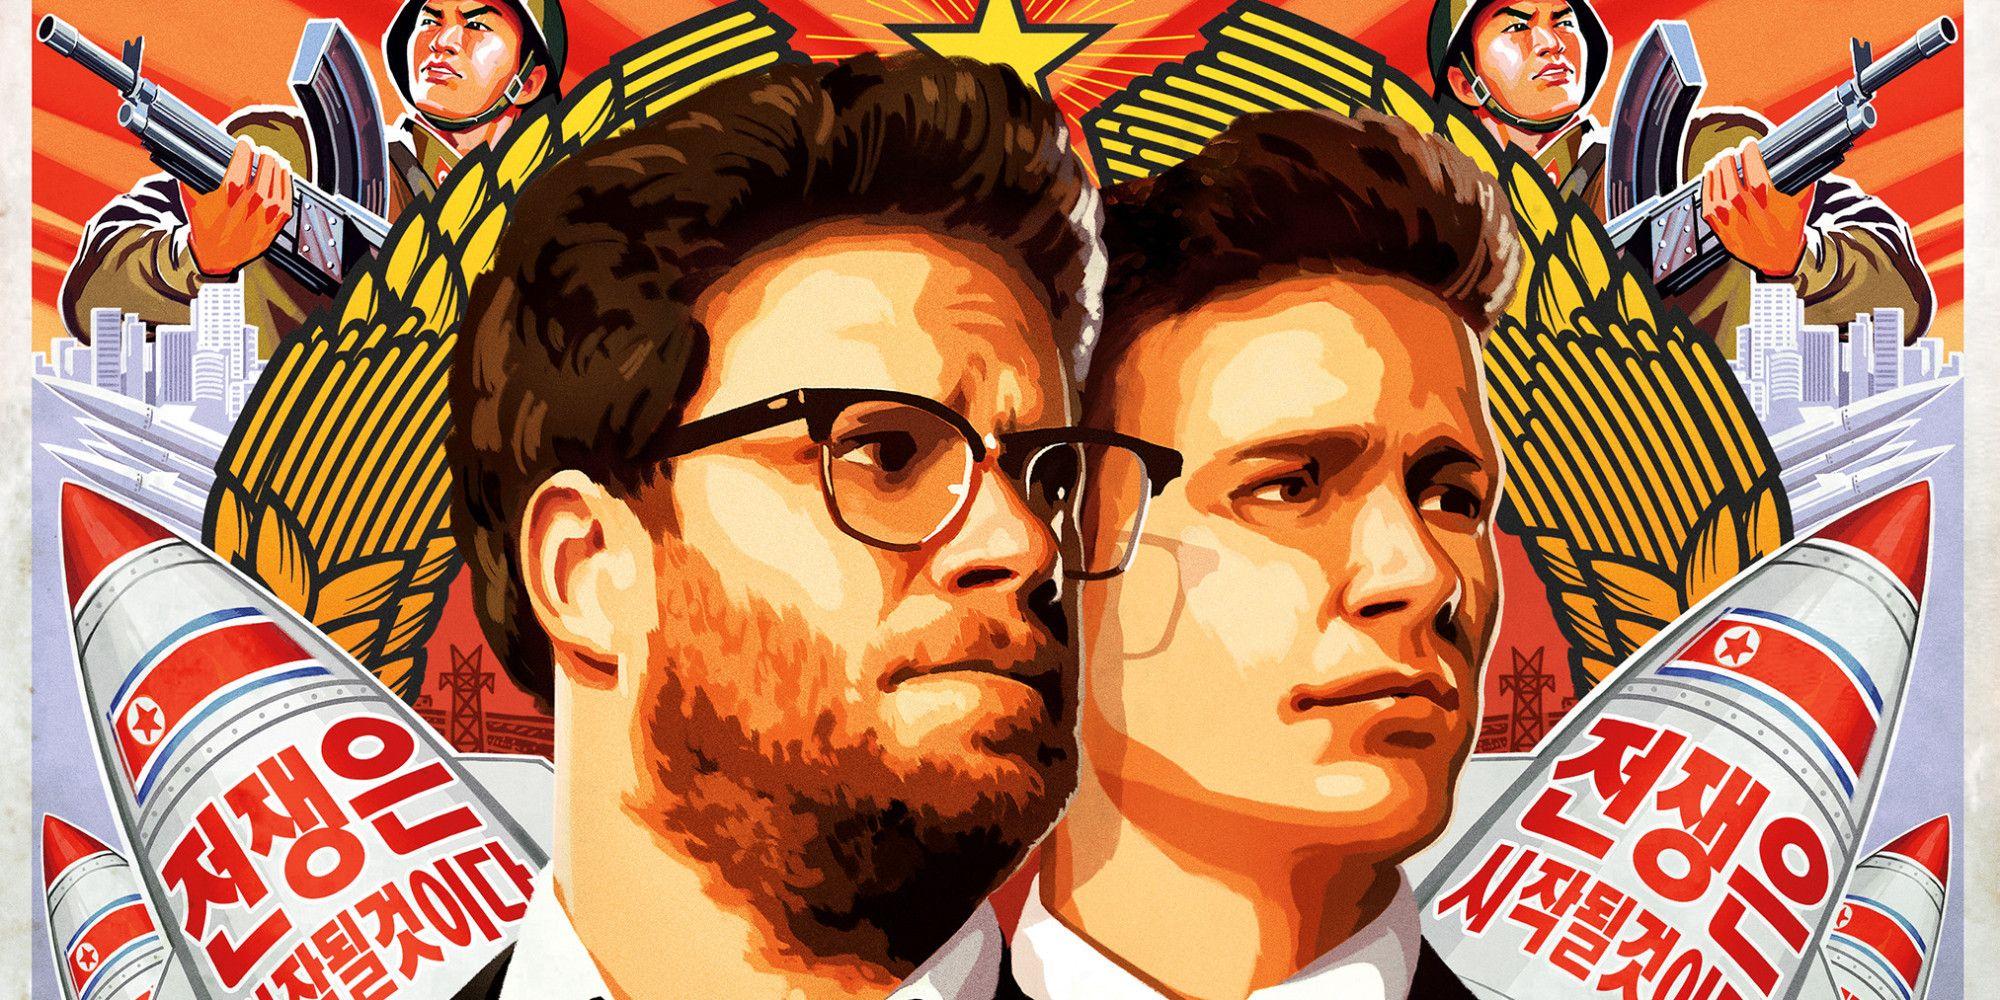 """Hackeo Sony, EEUU vs Corea del Norte - """"The Interview"""""""